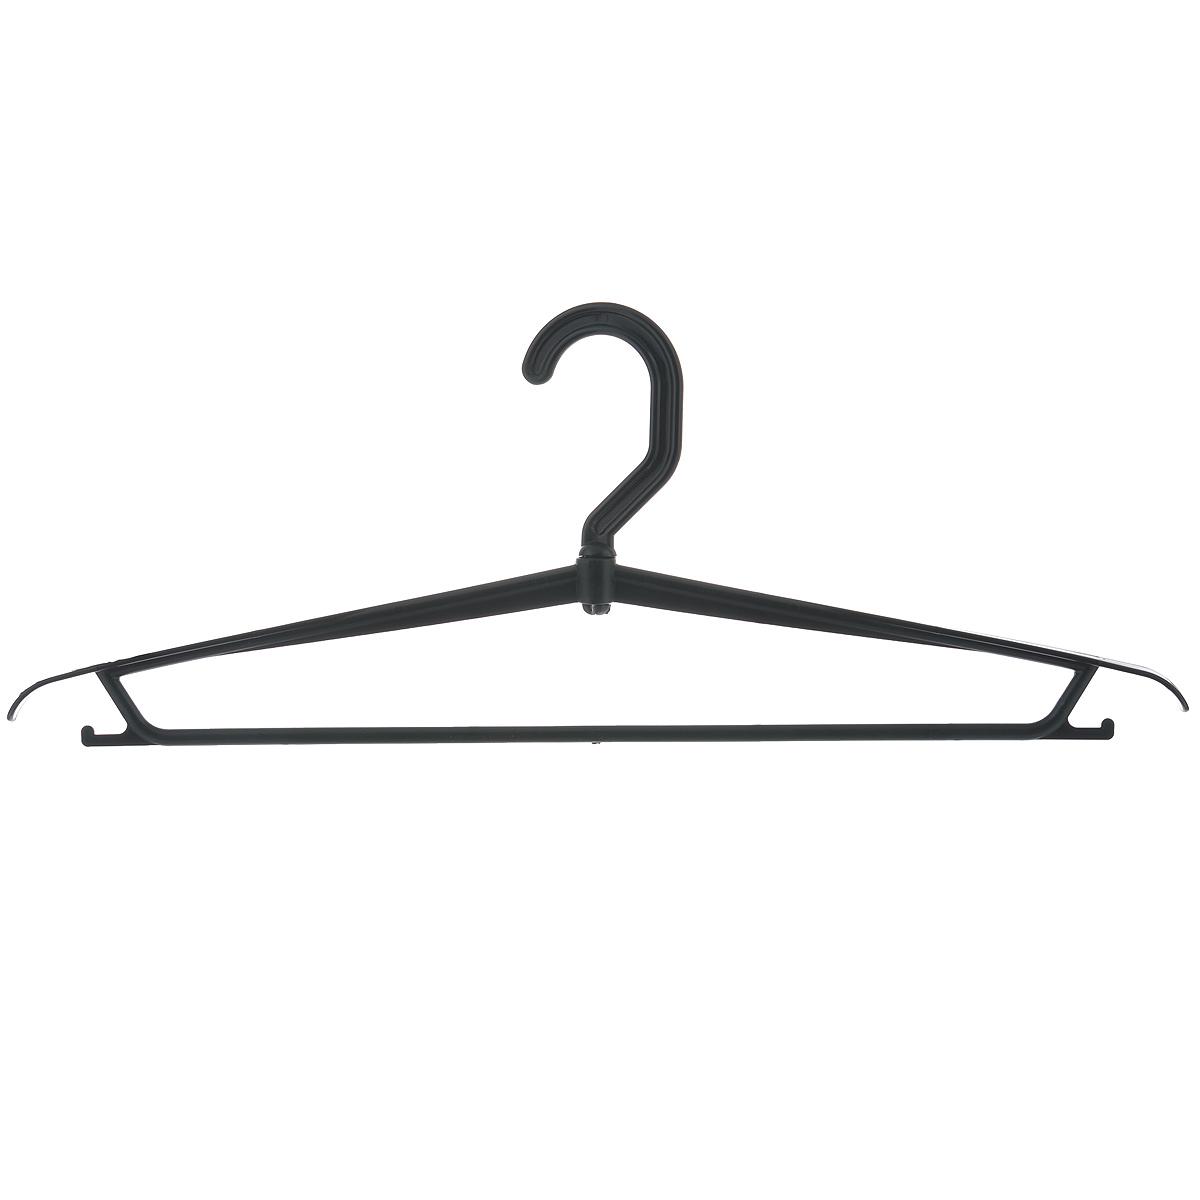 Вешалка для одежды М-пластика, цвет: черныйU210DFВешалка М-пластика выполнена из прочного пластика. Изделие оснащено перекладиной и боковыми крючками.Вешалка - это незаменимая вещь для того, чтобы ваша одежда всегда оставалась в хорошем состоянии.